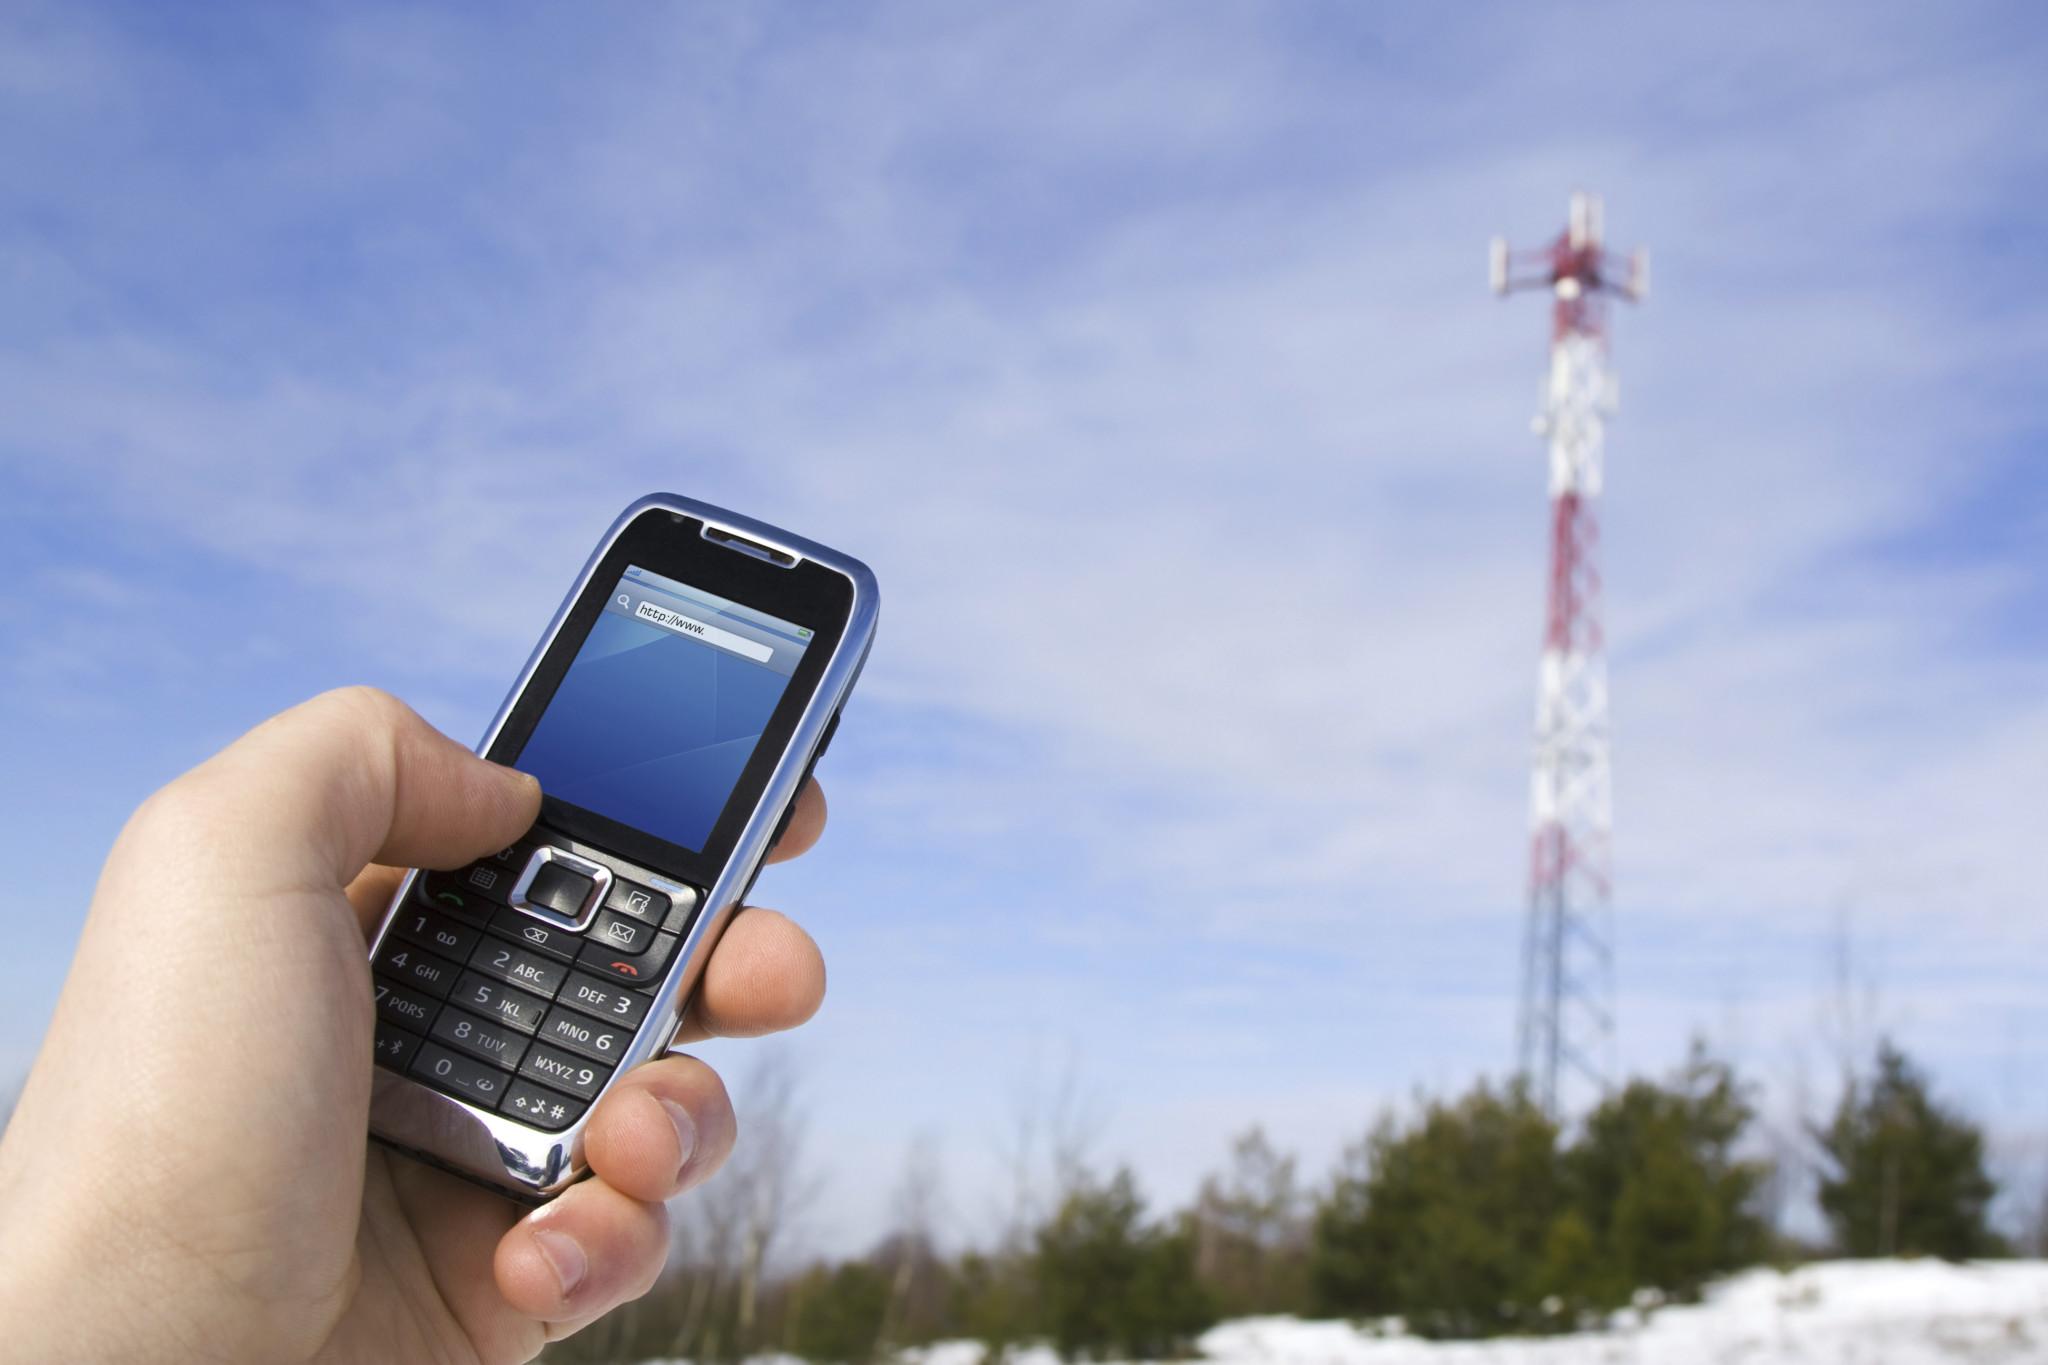 Mobilní služby v České republice patří mezi nejhorší v EU